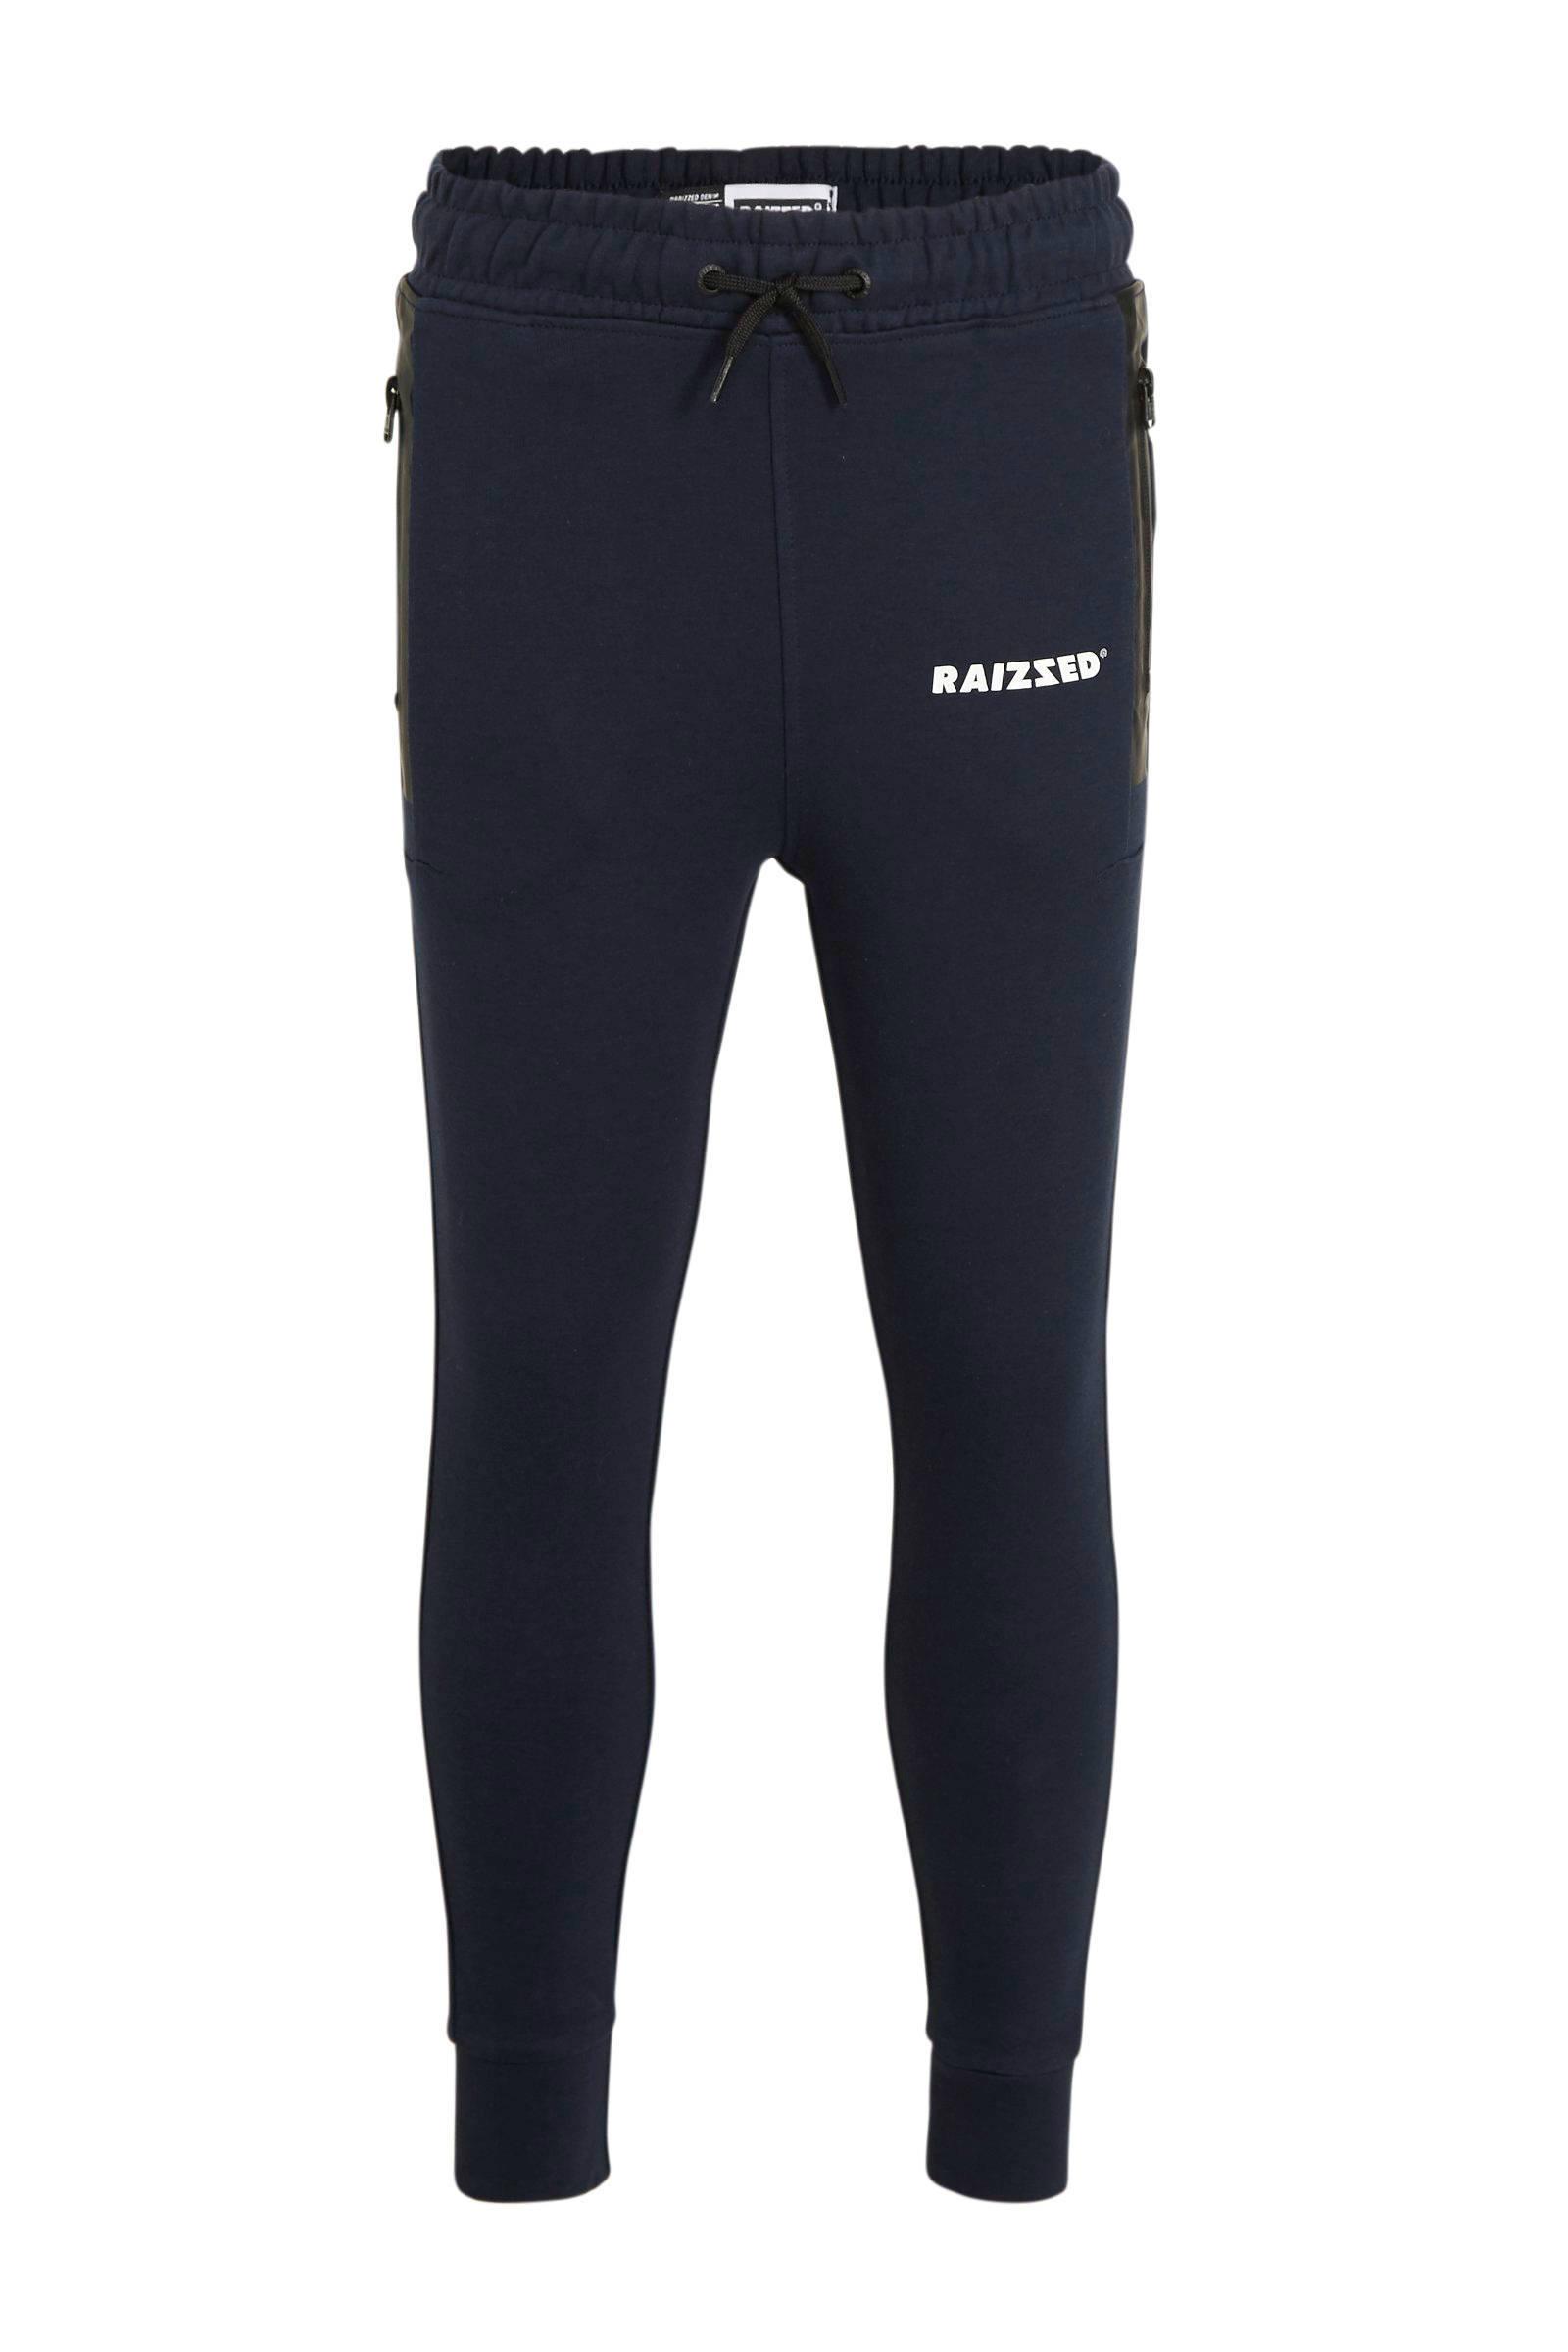 skinny joggingbroek Seattle donkerblauwwitzwart